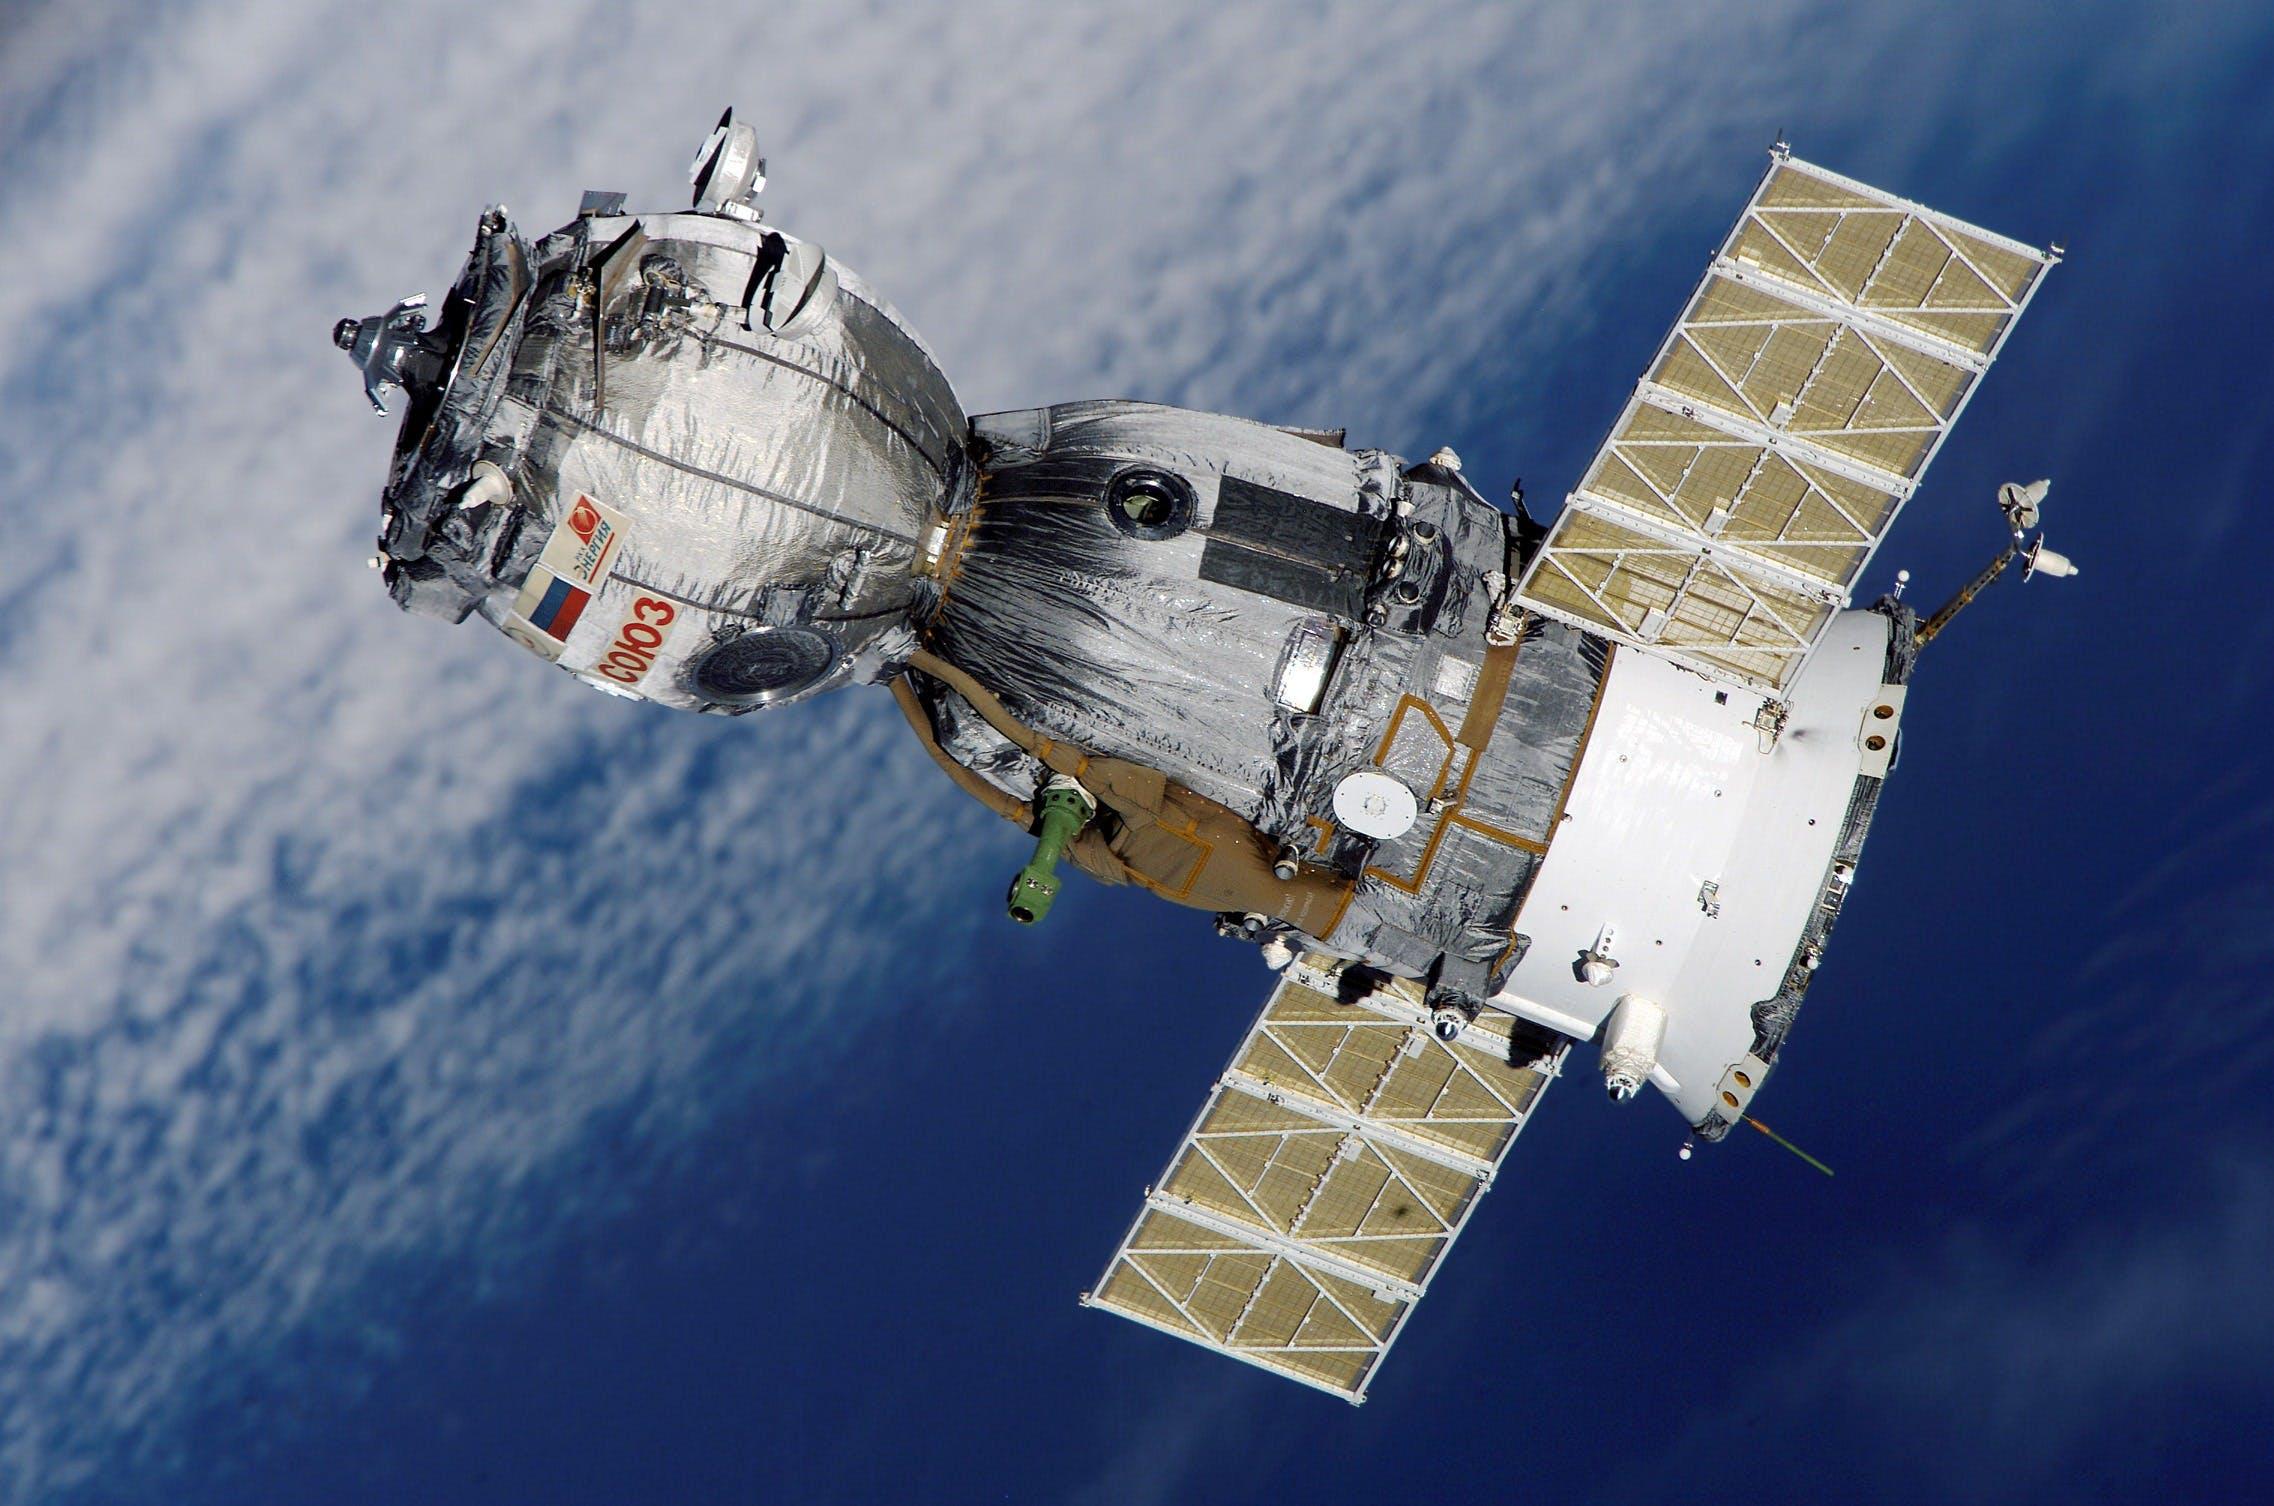 Gray and White Satellite